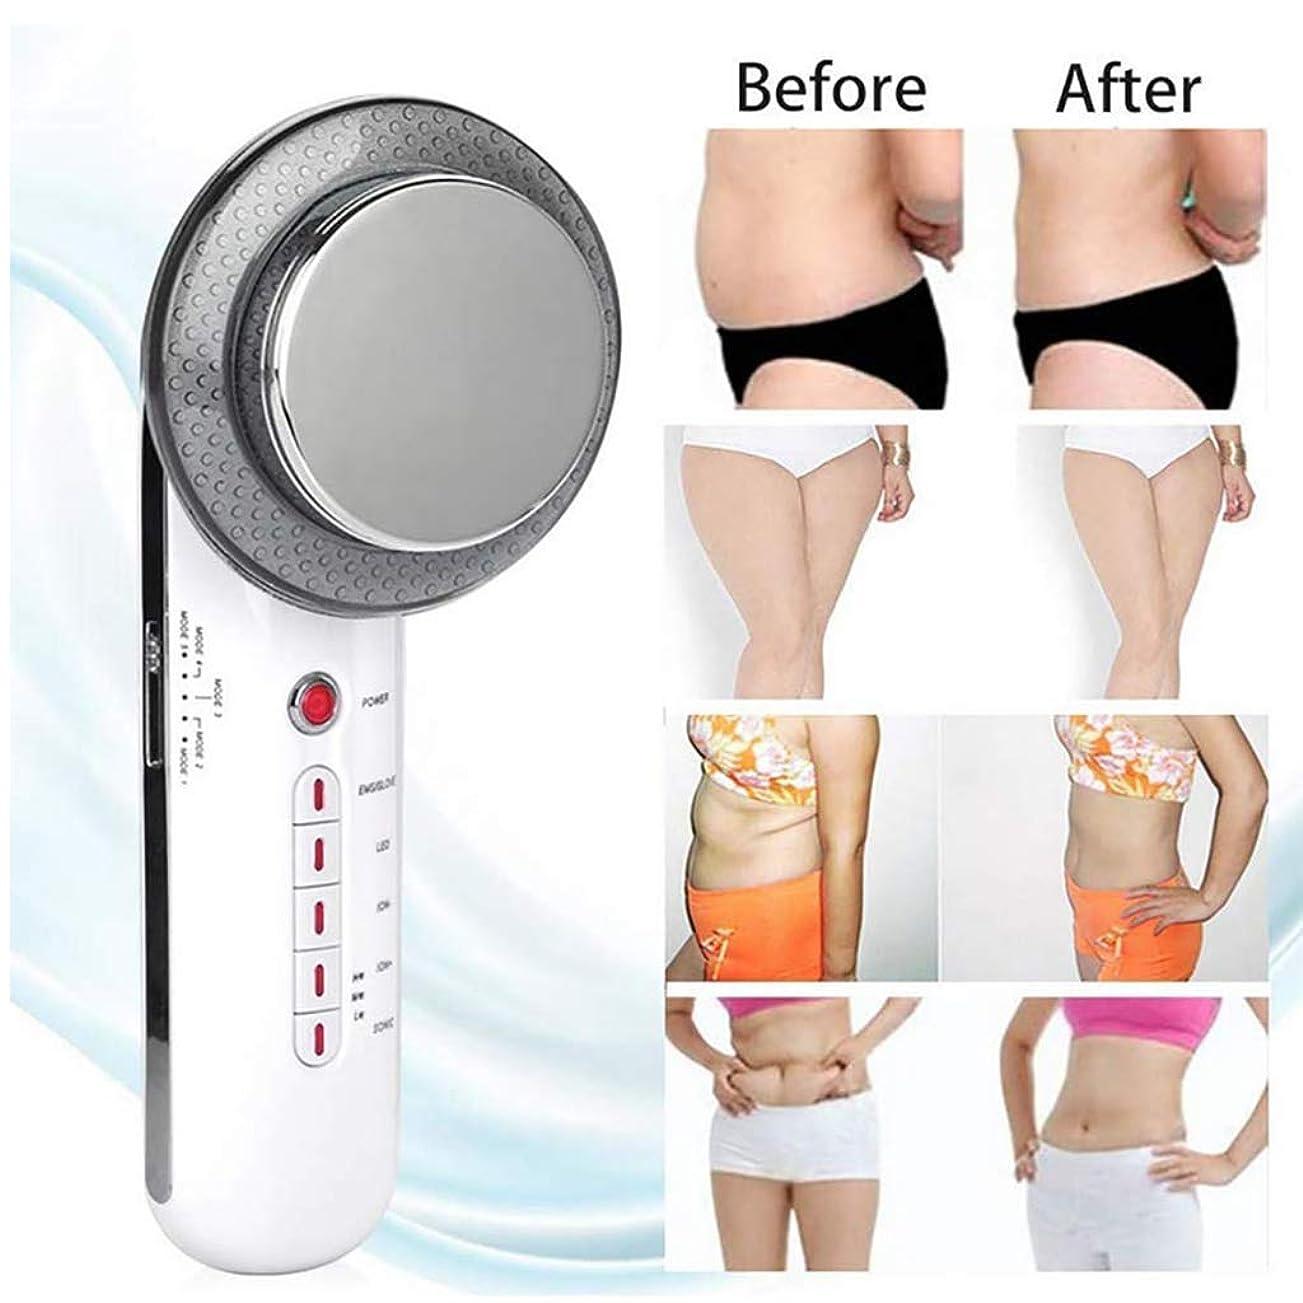 冷ややかな識別寛容ボディスリミングマッサージ器、6-in-1ブルーレッドライトEMSチリオメーターフェイシャルビューティーボディシェイプマッサージ セルライト除去脂肪軽減、肌引き締め